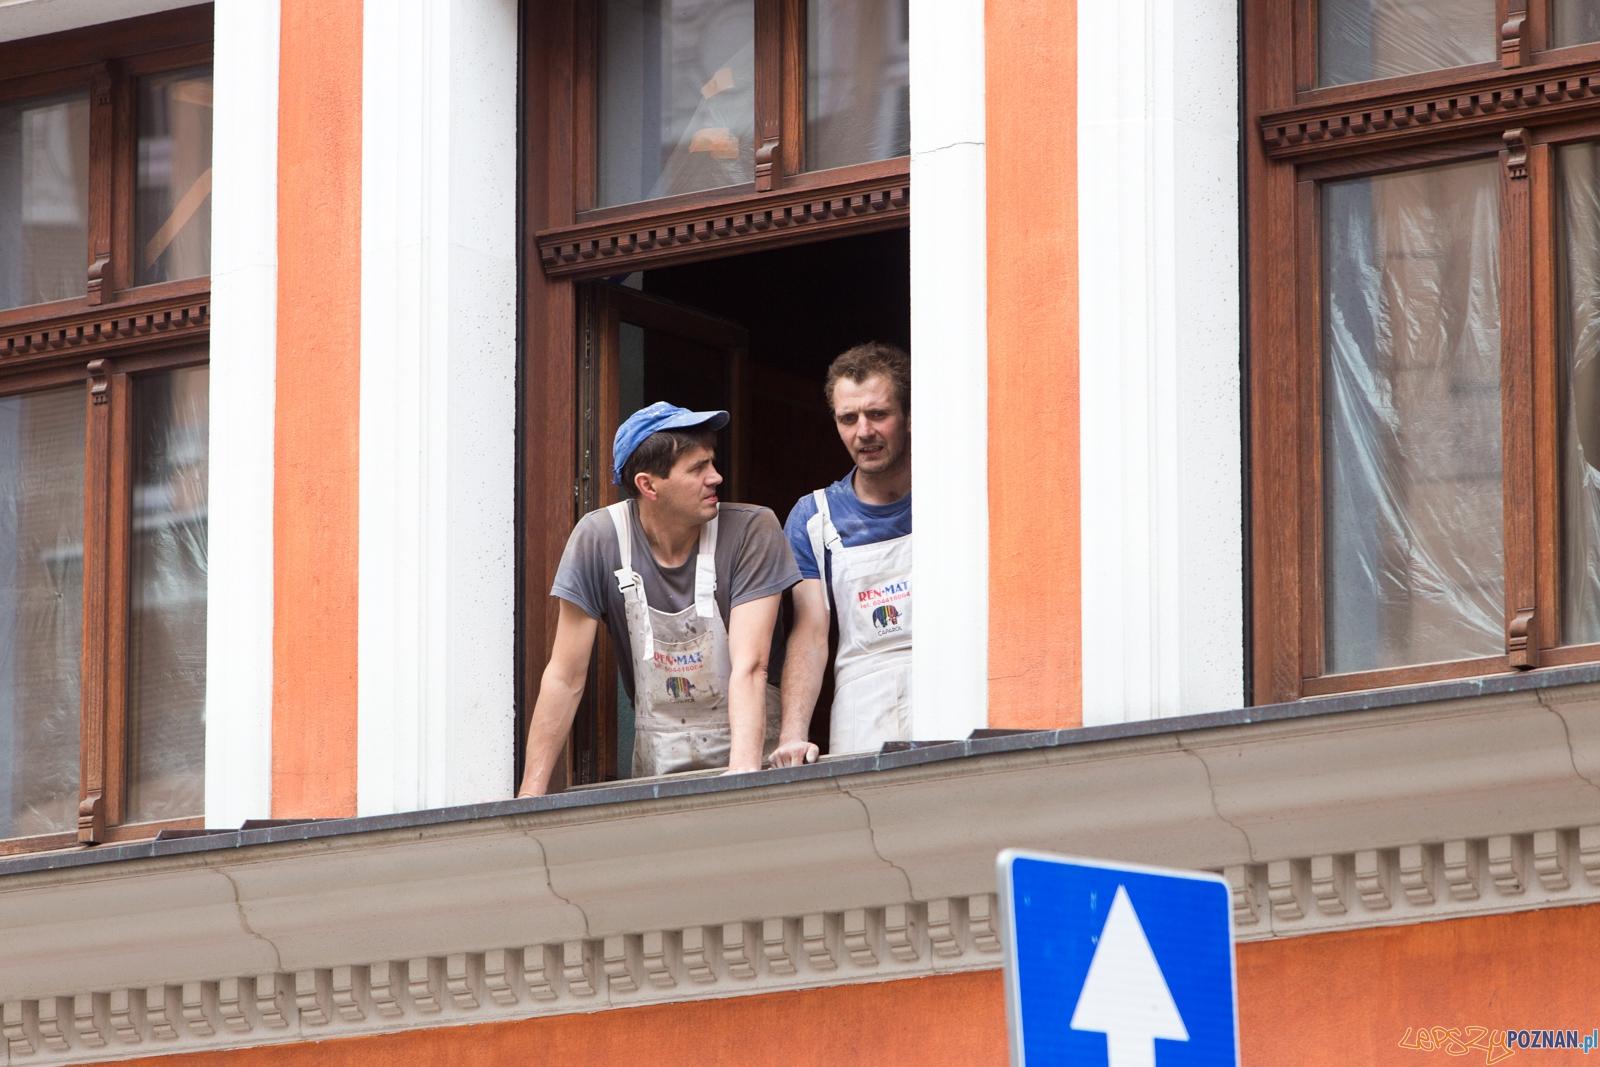 Dźwięki Starego Miasta  Foto: lepszyPOZNAN.pl / Piotr Rychter